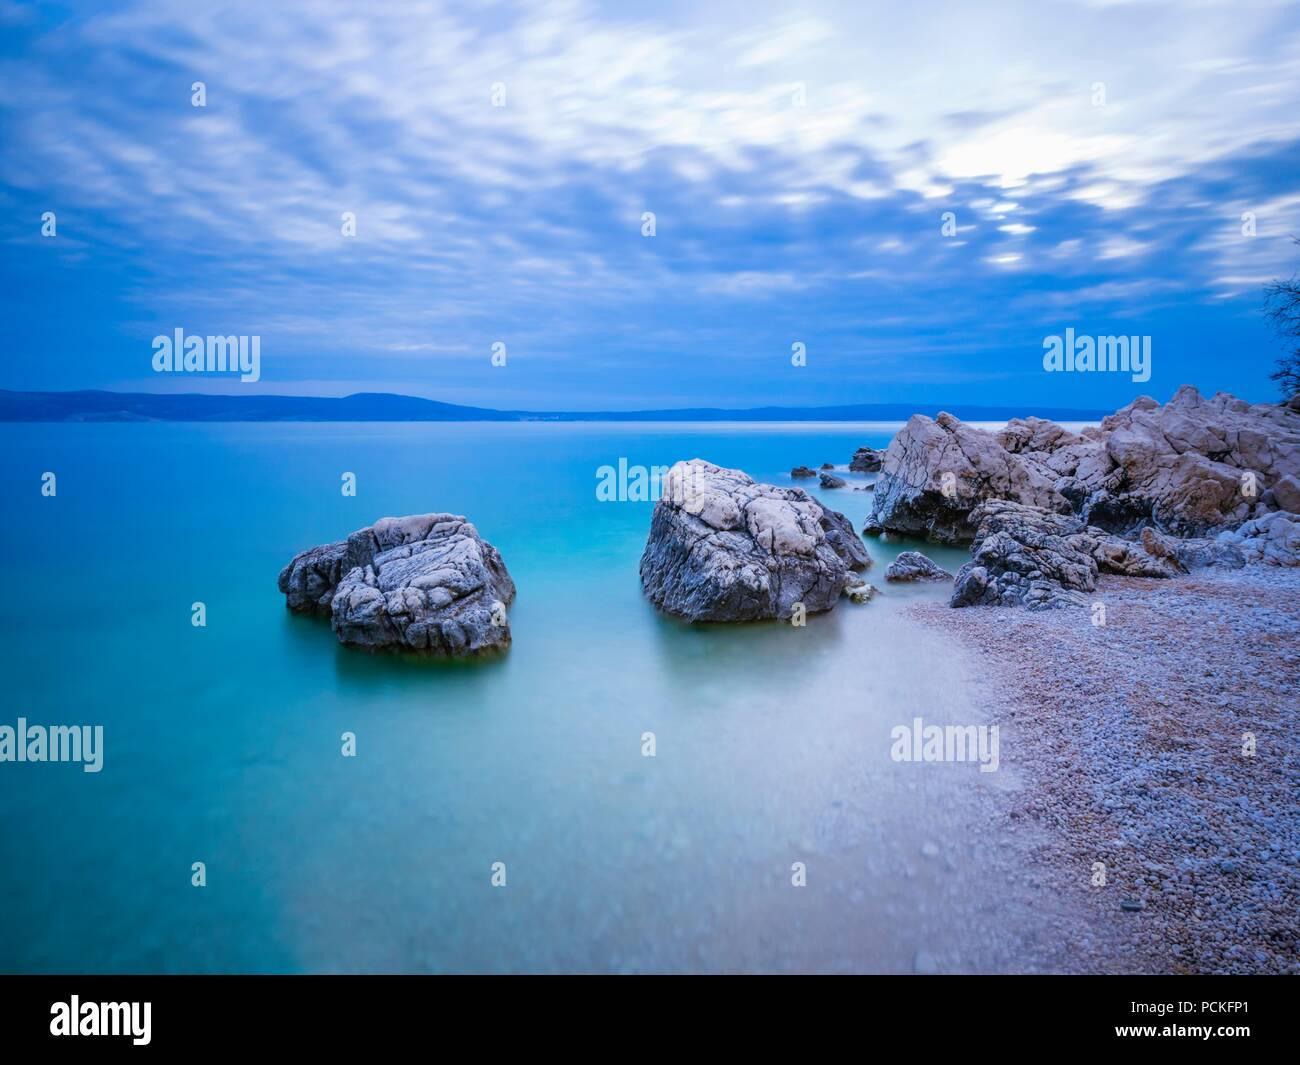 Vistas fantásticas a la serenidad del mar Foto de stock